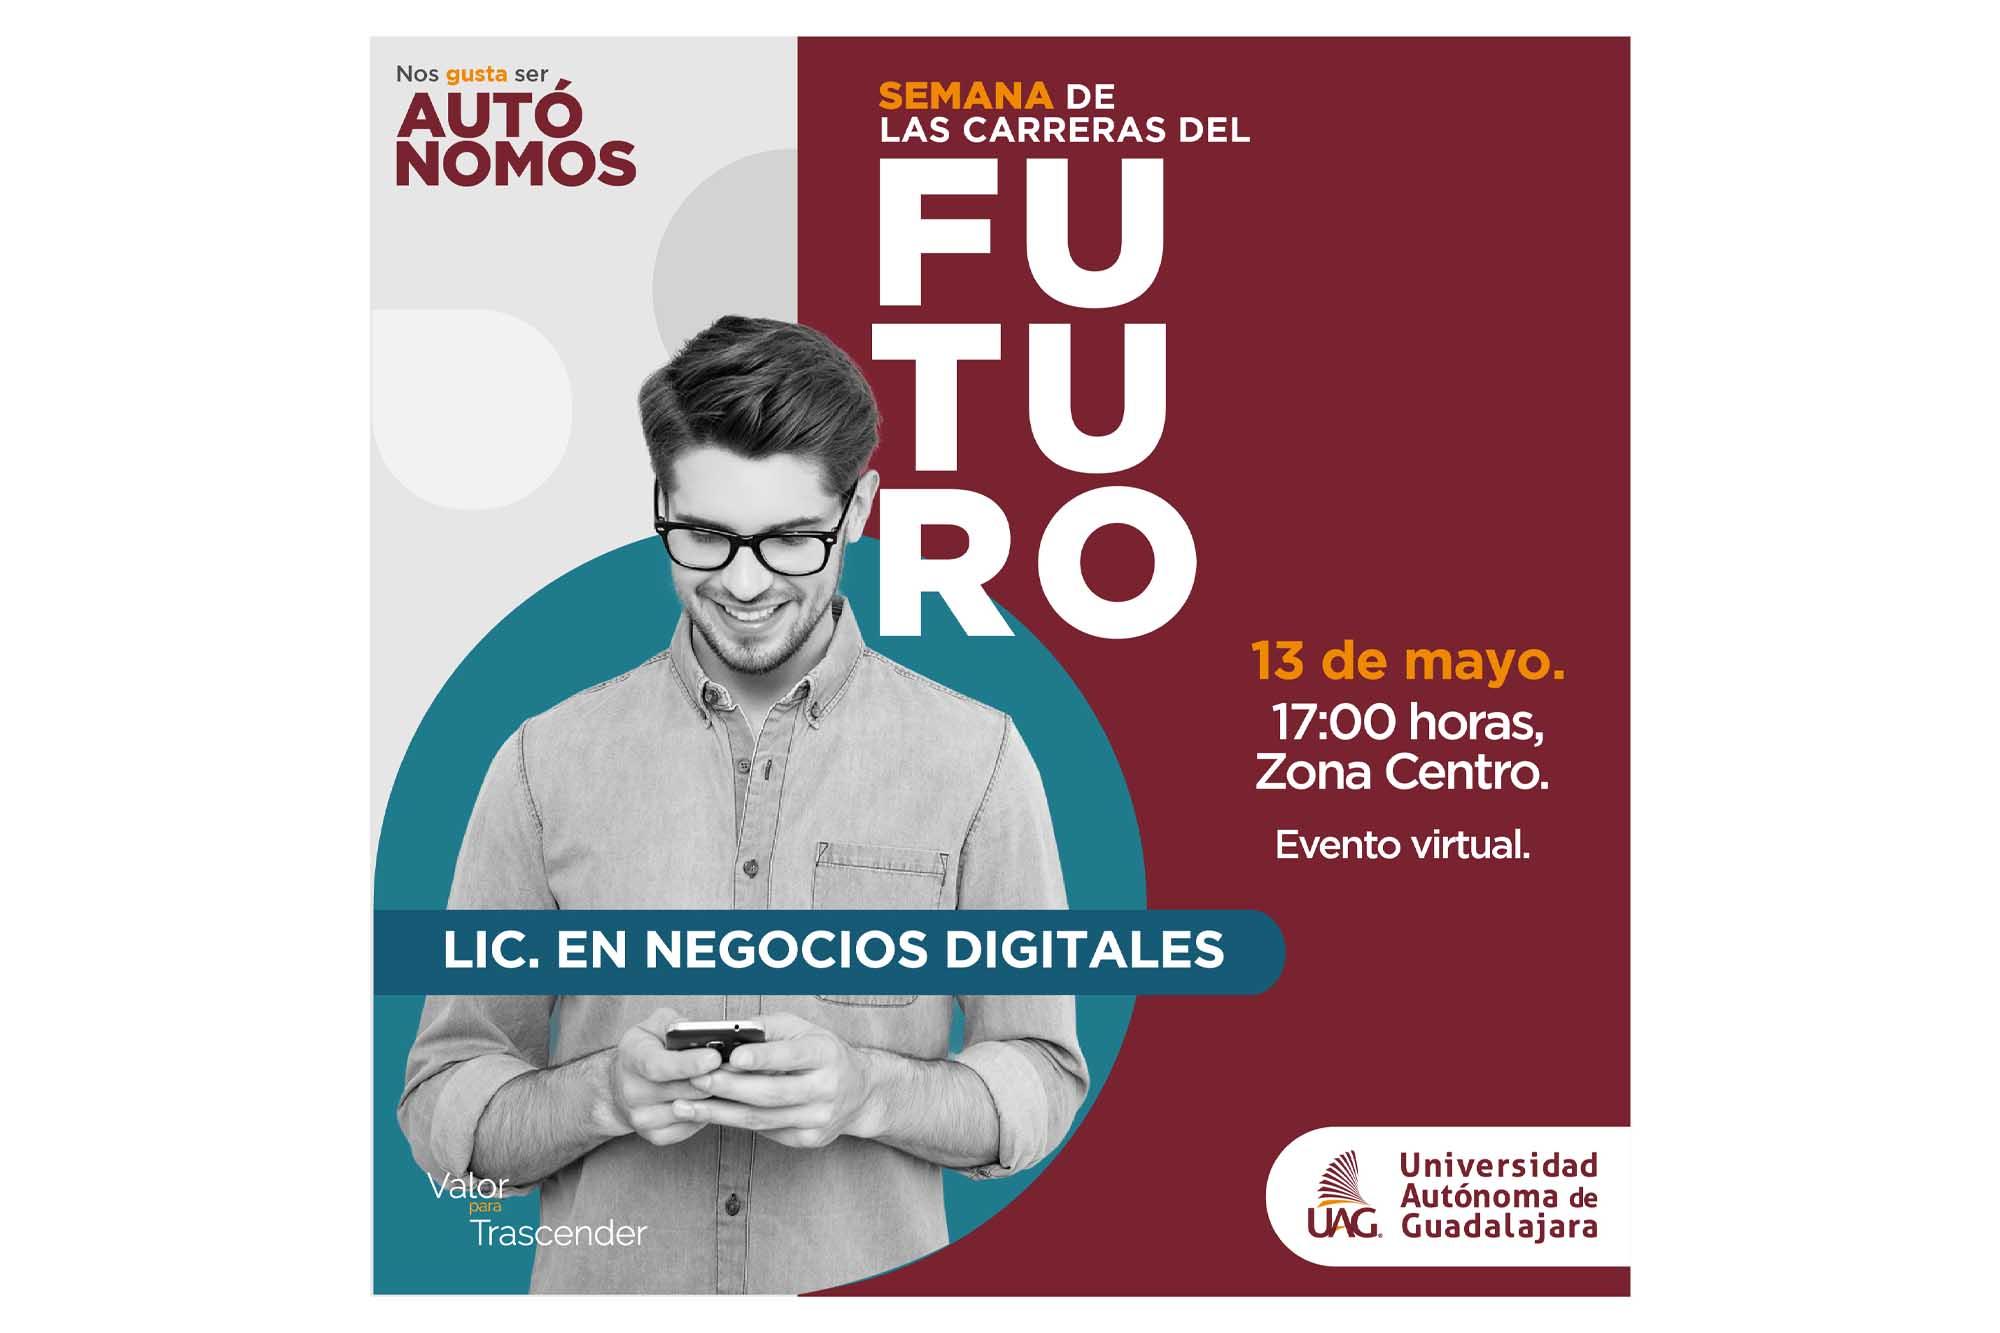 Negocios Digitales 040521